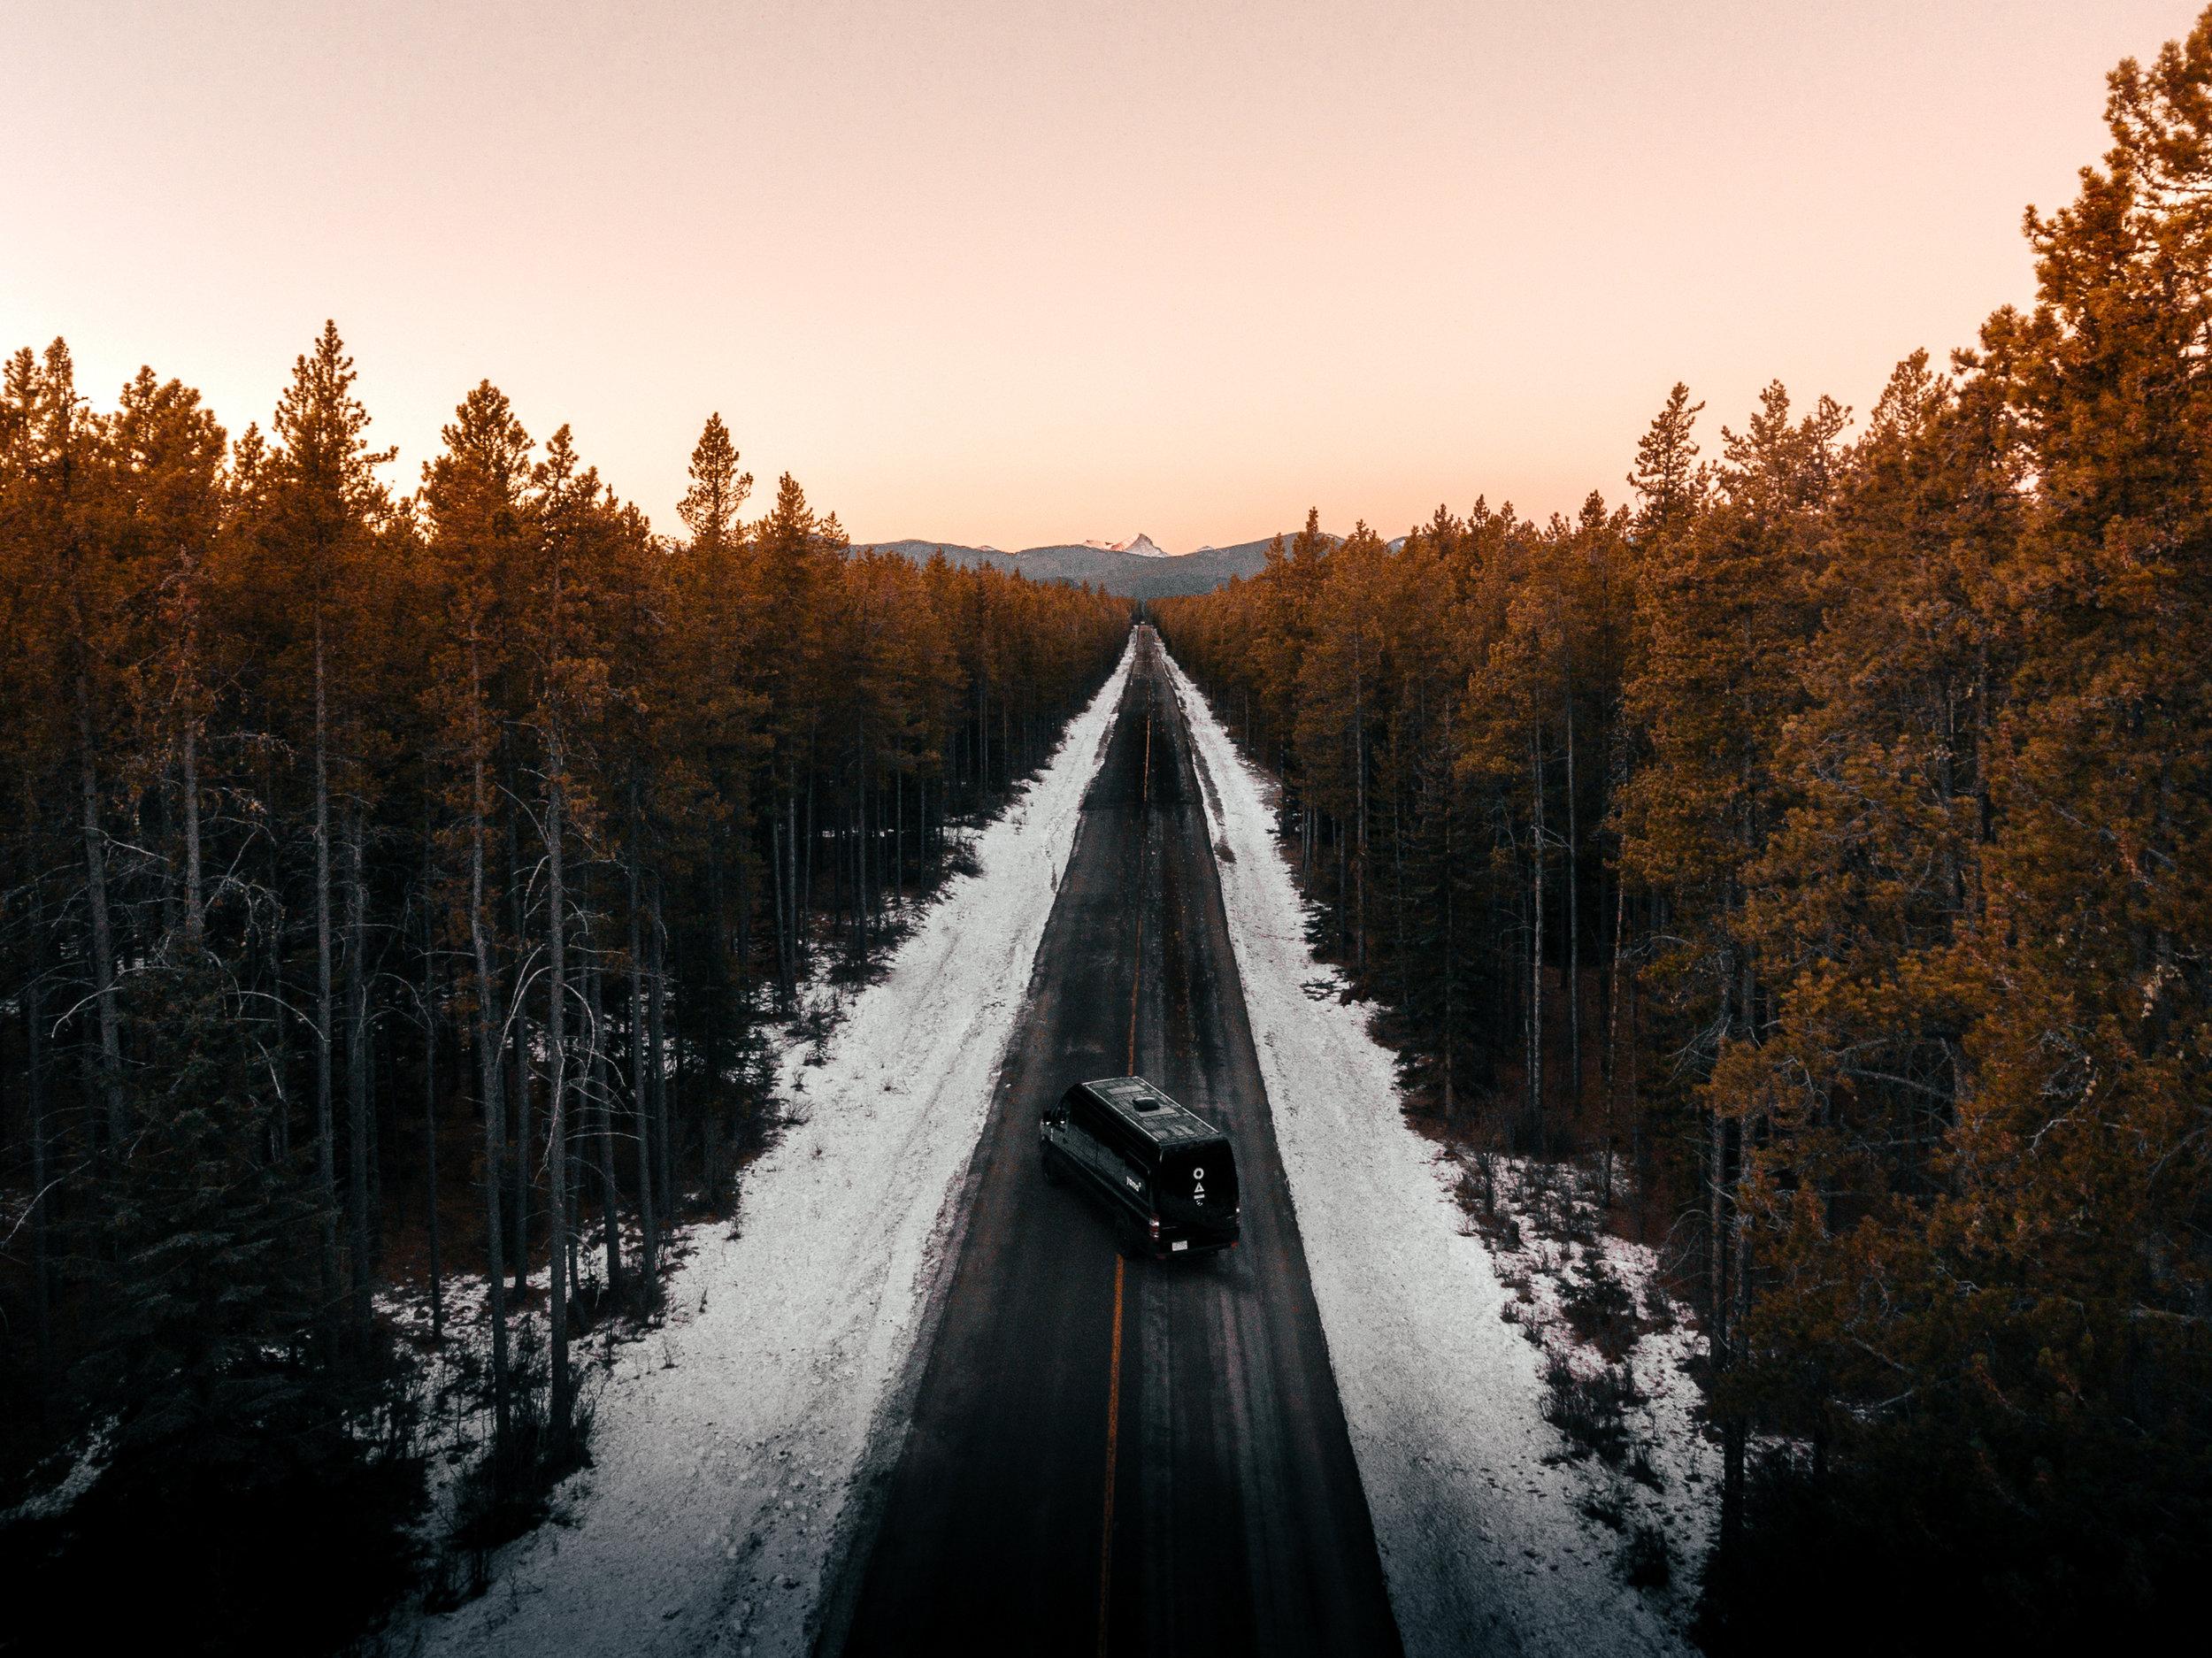 sunrise campervan